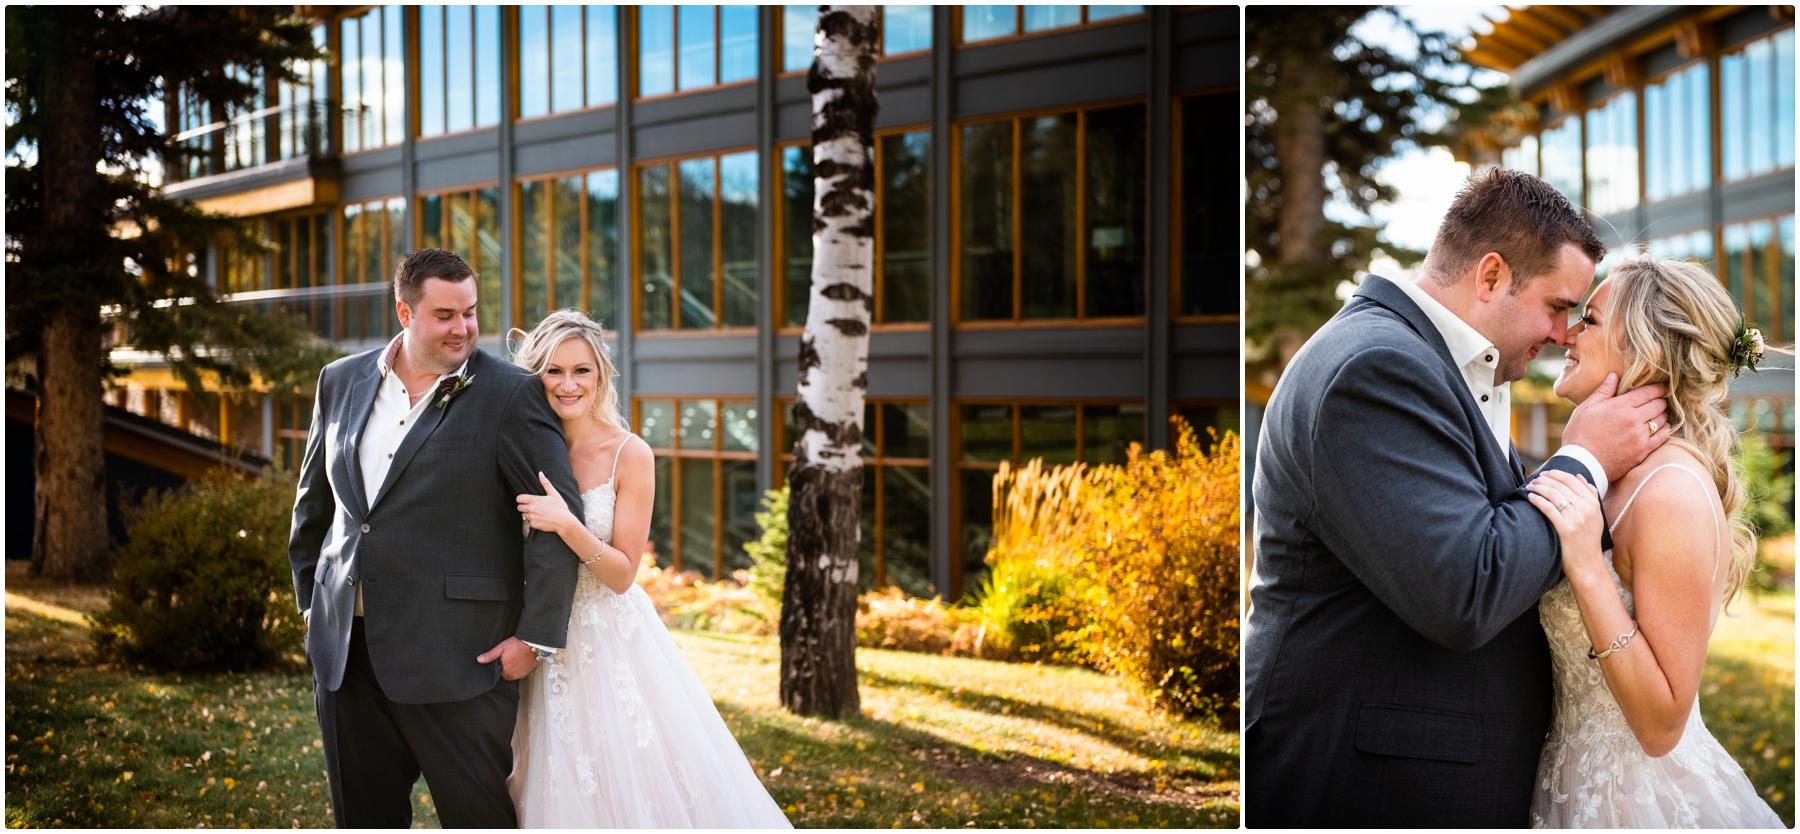 Fall Azuridge Wedding - Calgary Wedding Photographers